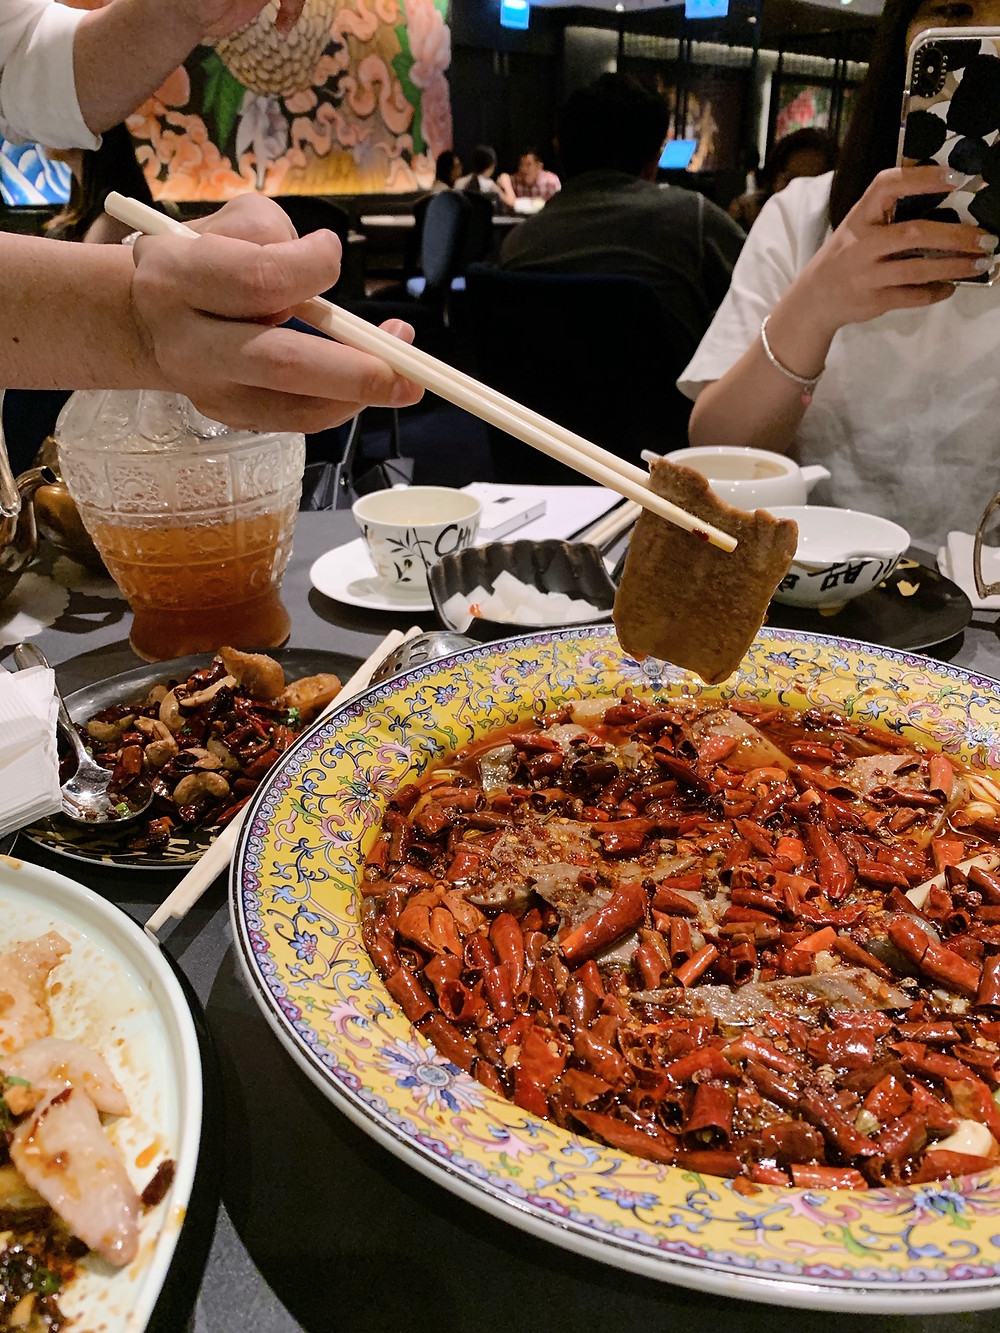 Food at Chuan Palace Sichuan restaurant at MOKO mall in Mongkok, Hong Kong